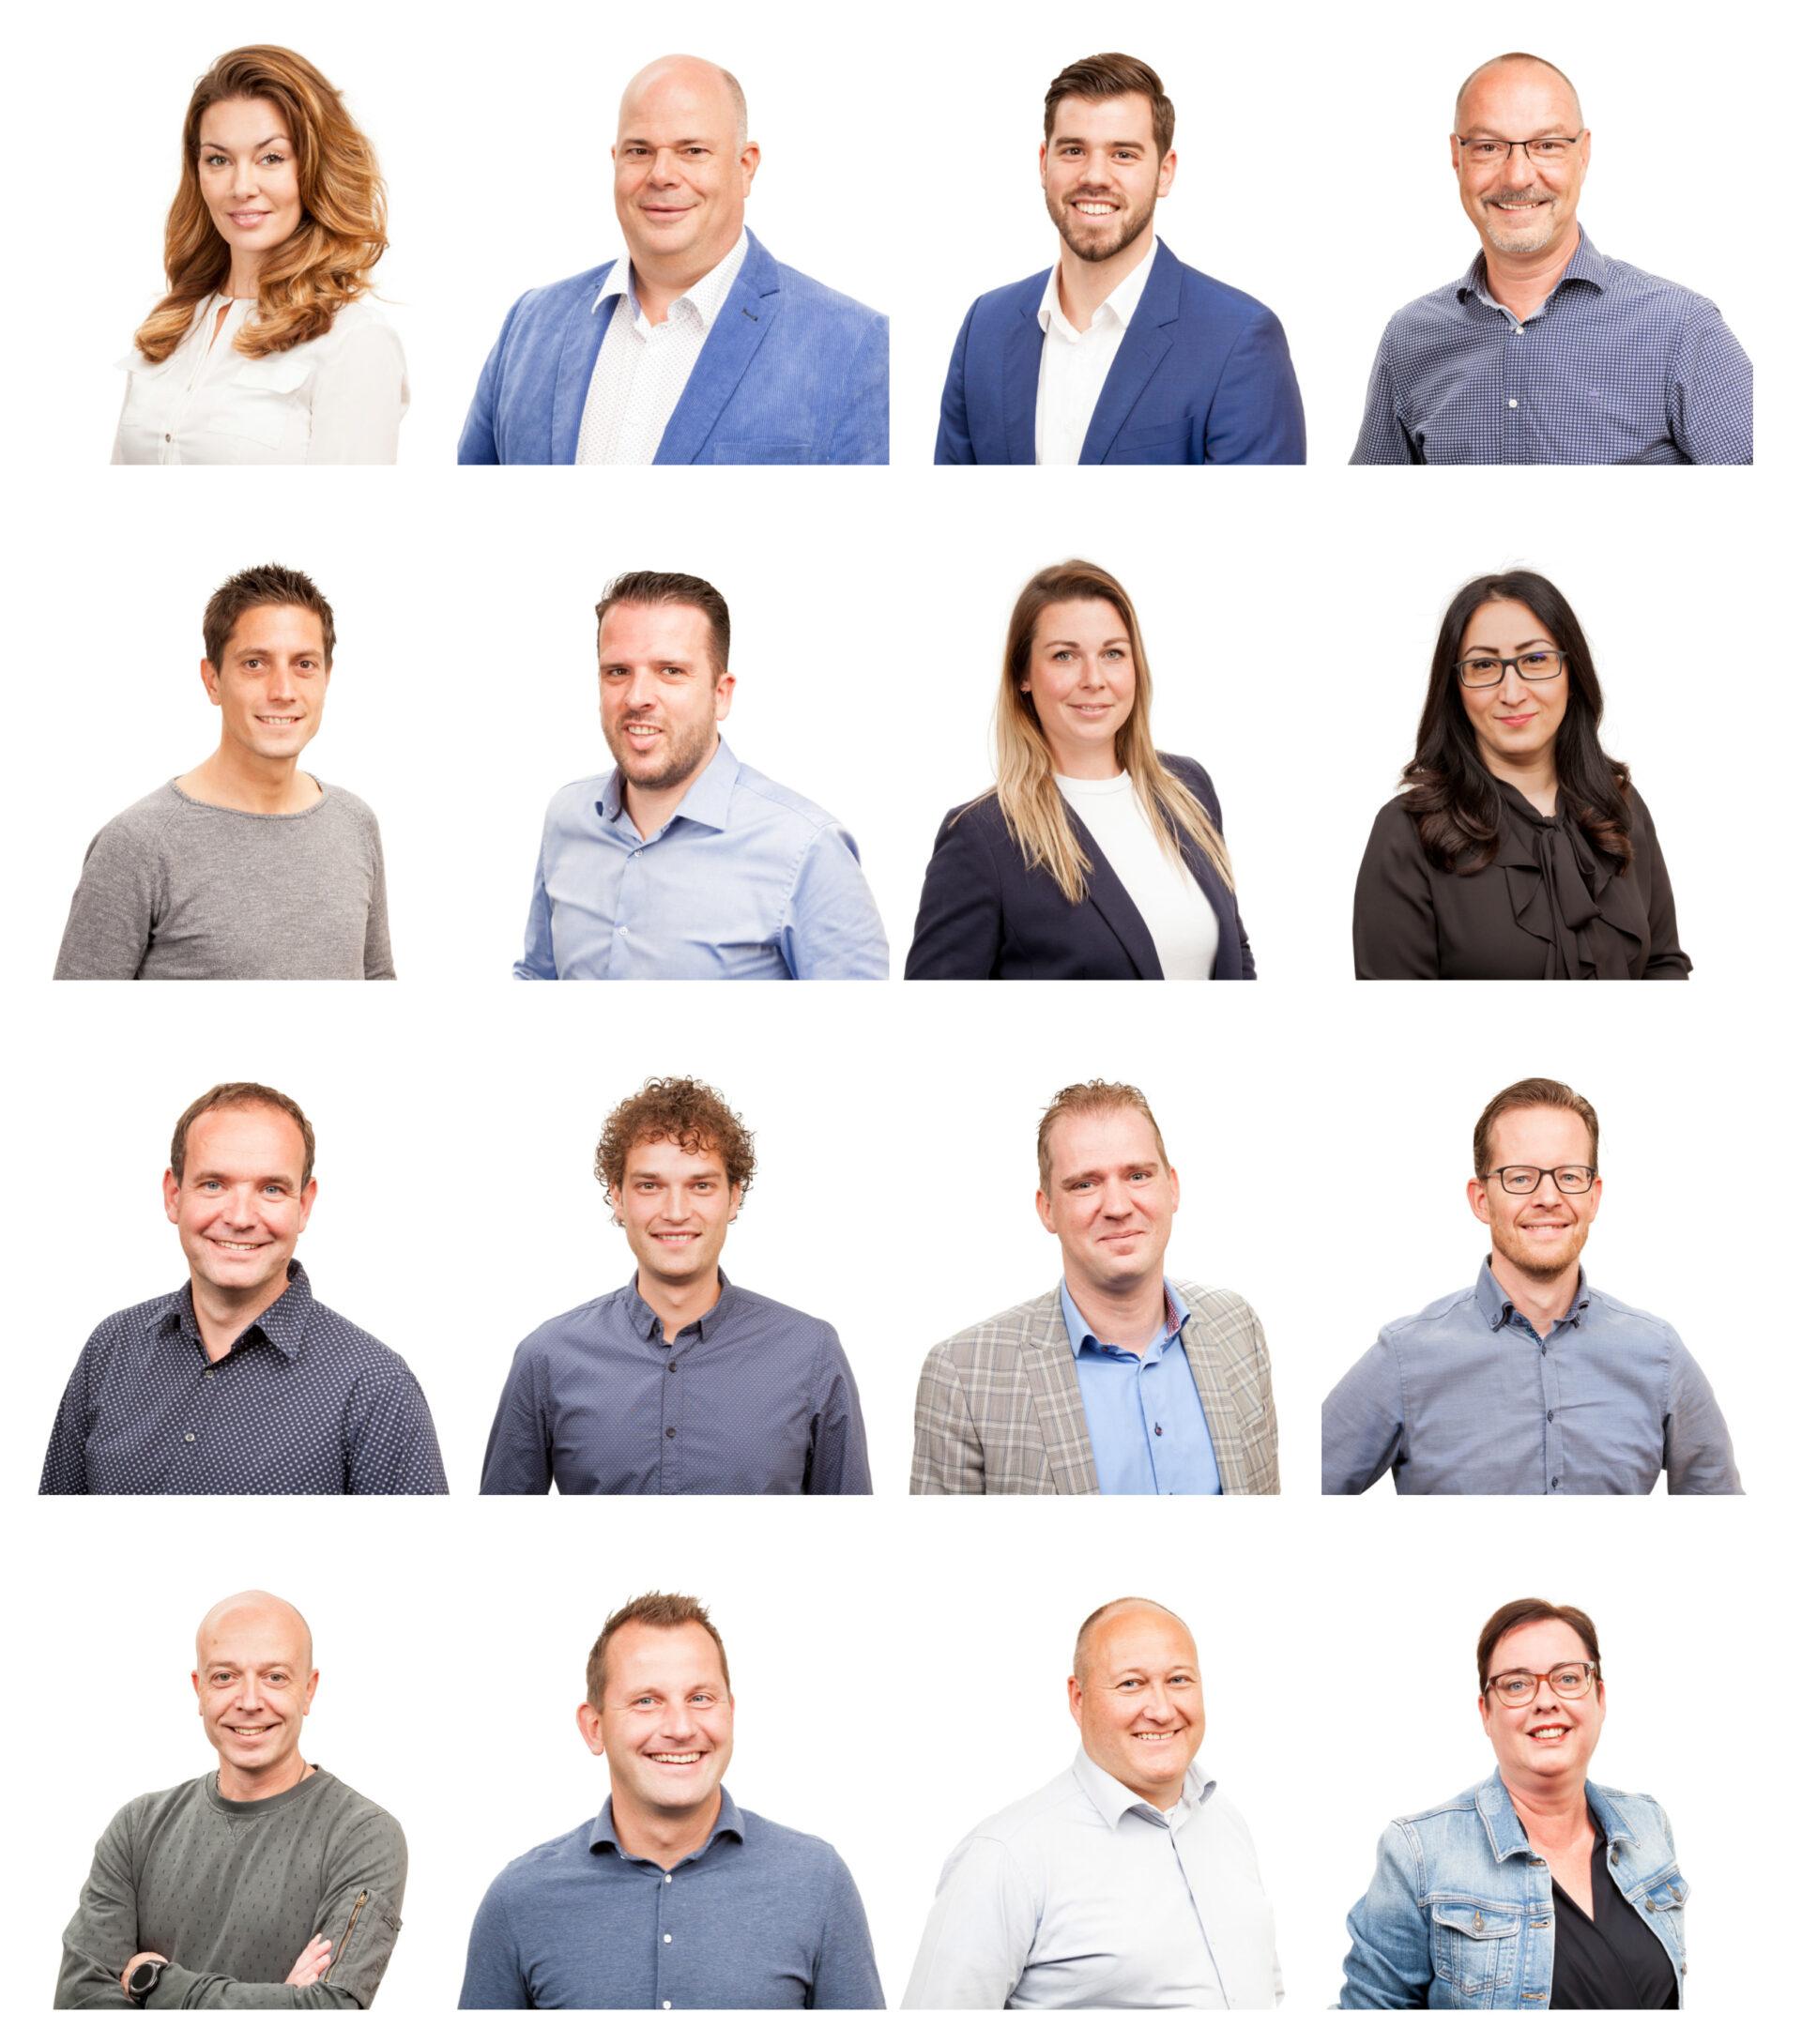 Profielfoto's van een verkoopkantoor.